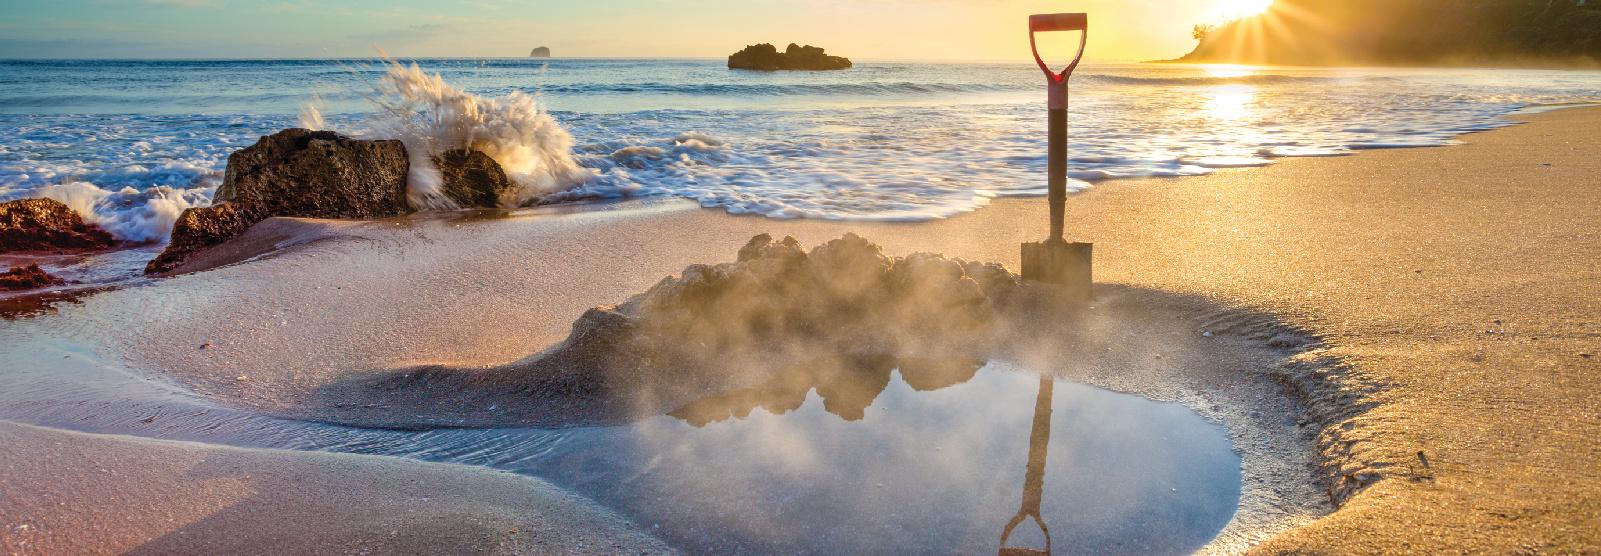 SR Hot Water Beach Gallery A